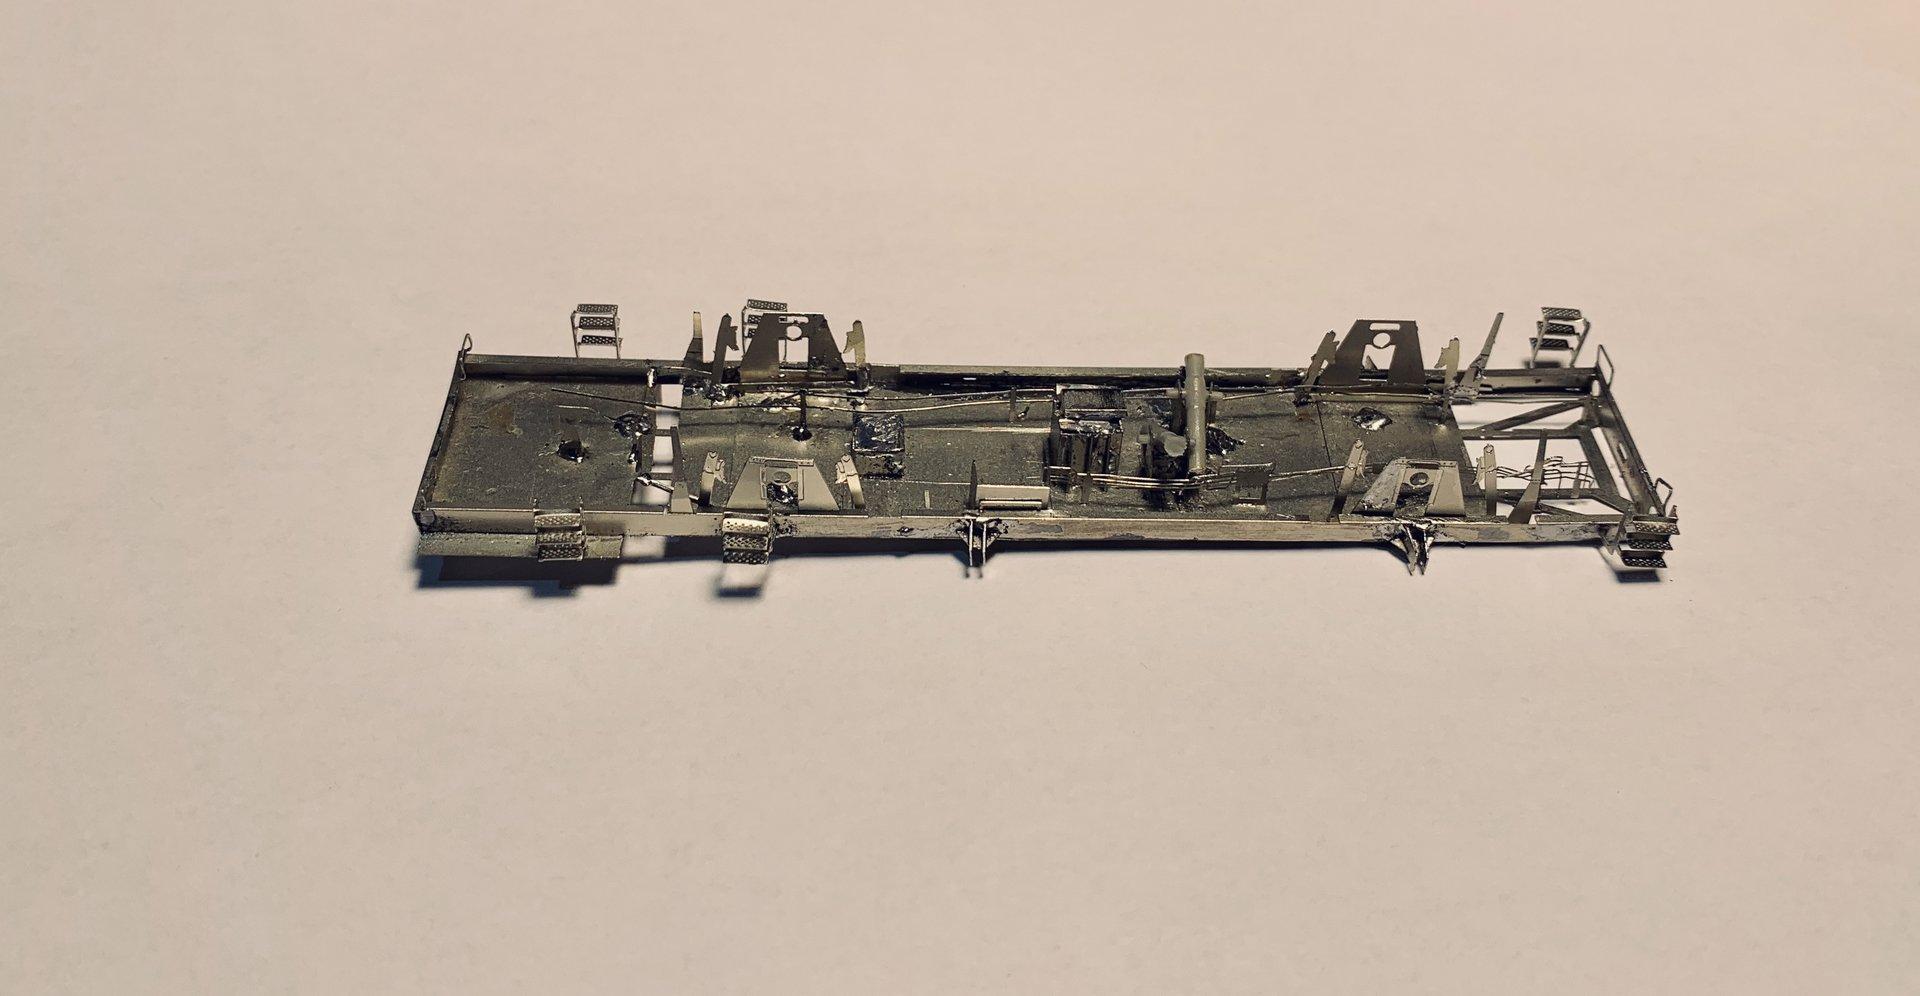 ECD7F8A5-1E7E-4F36-9A3B-FBE905A003C9.jpeg